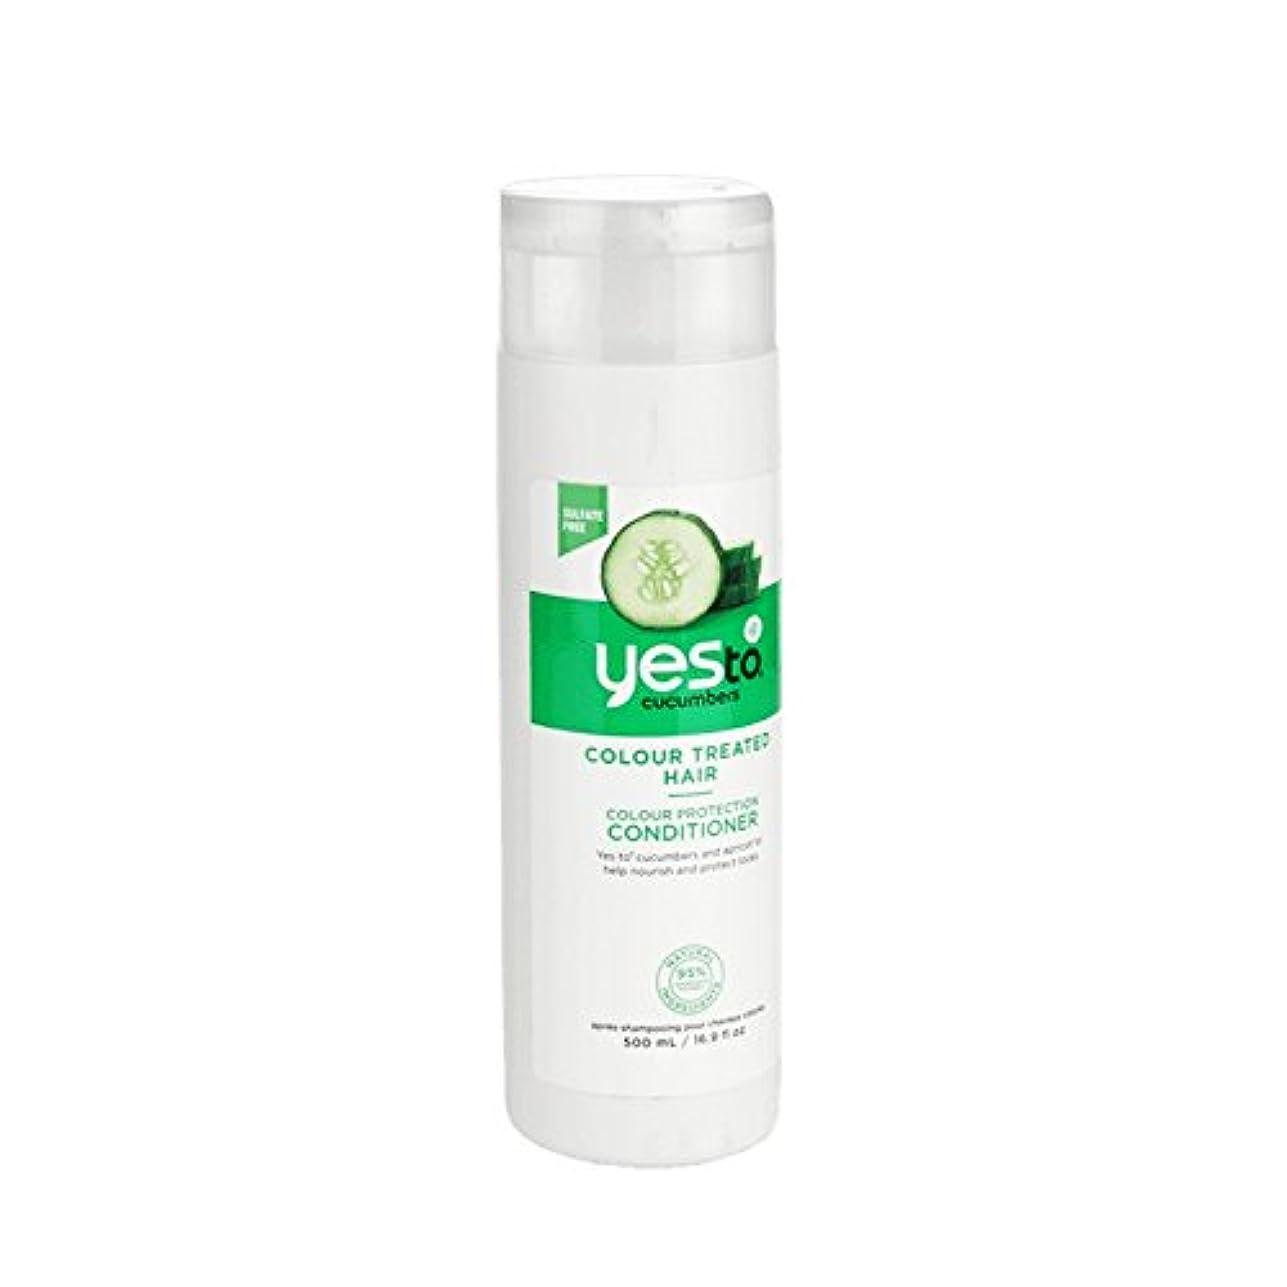 解く信条ディプロマYes To Cucumbers Colour Protection Conditioner 500ml (Pack of 6) - はいキュウリの色の保護コンディショナー500ミリリットルへ (x6) [並行輸入品]